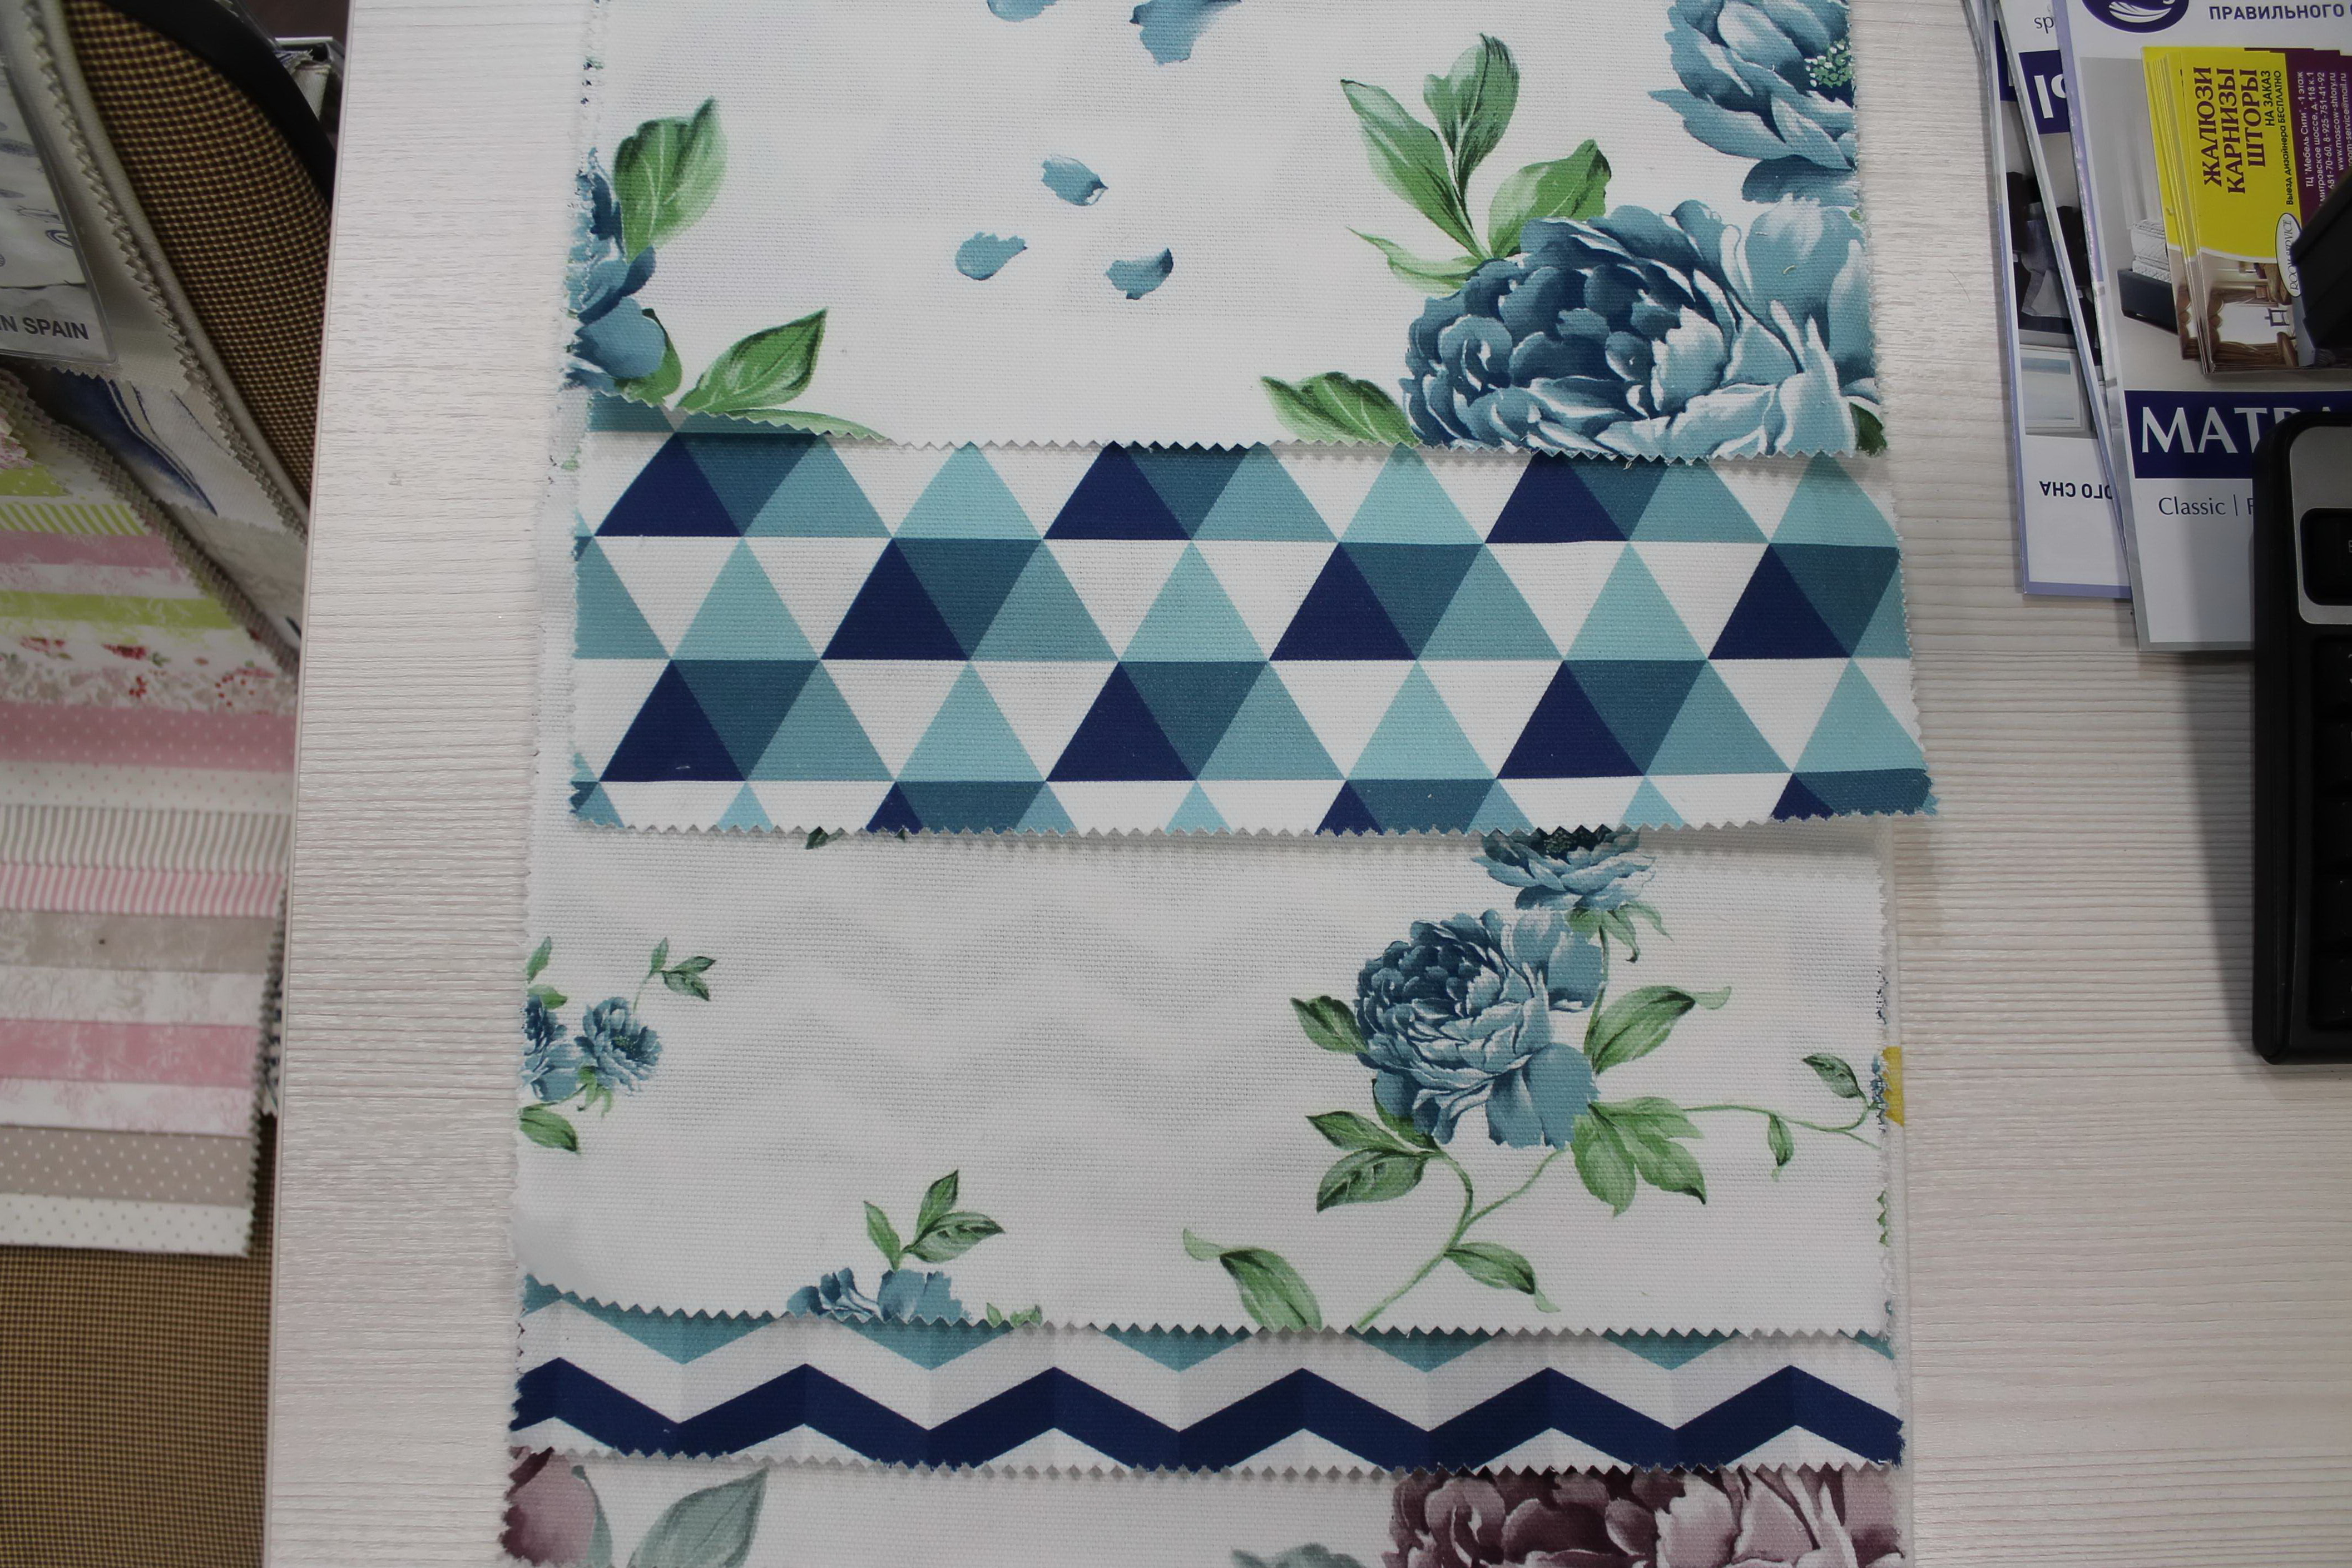 Раскладка тканей Casablanka (Испания)